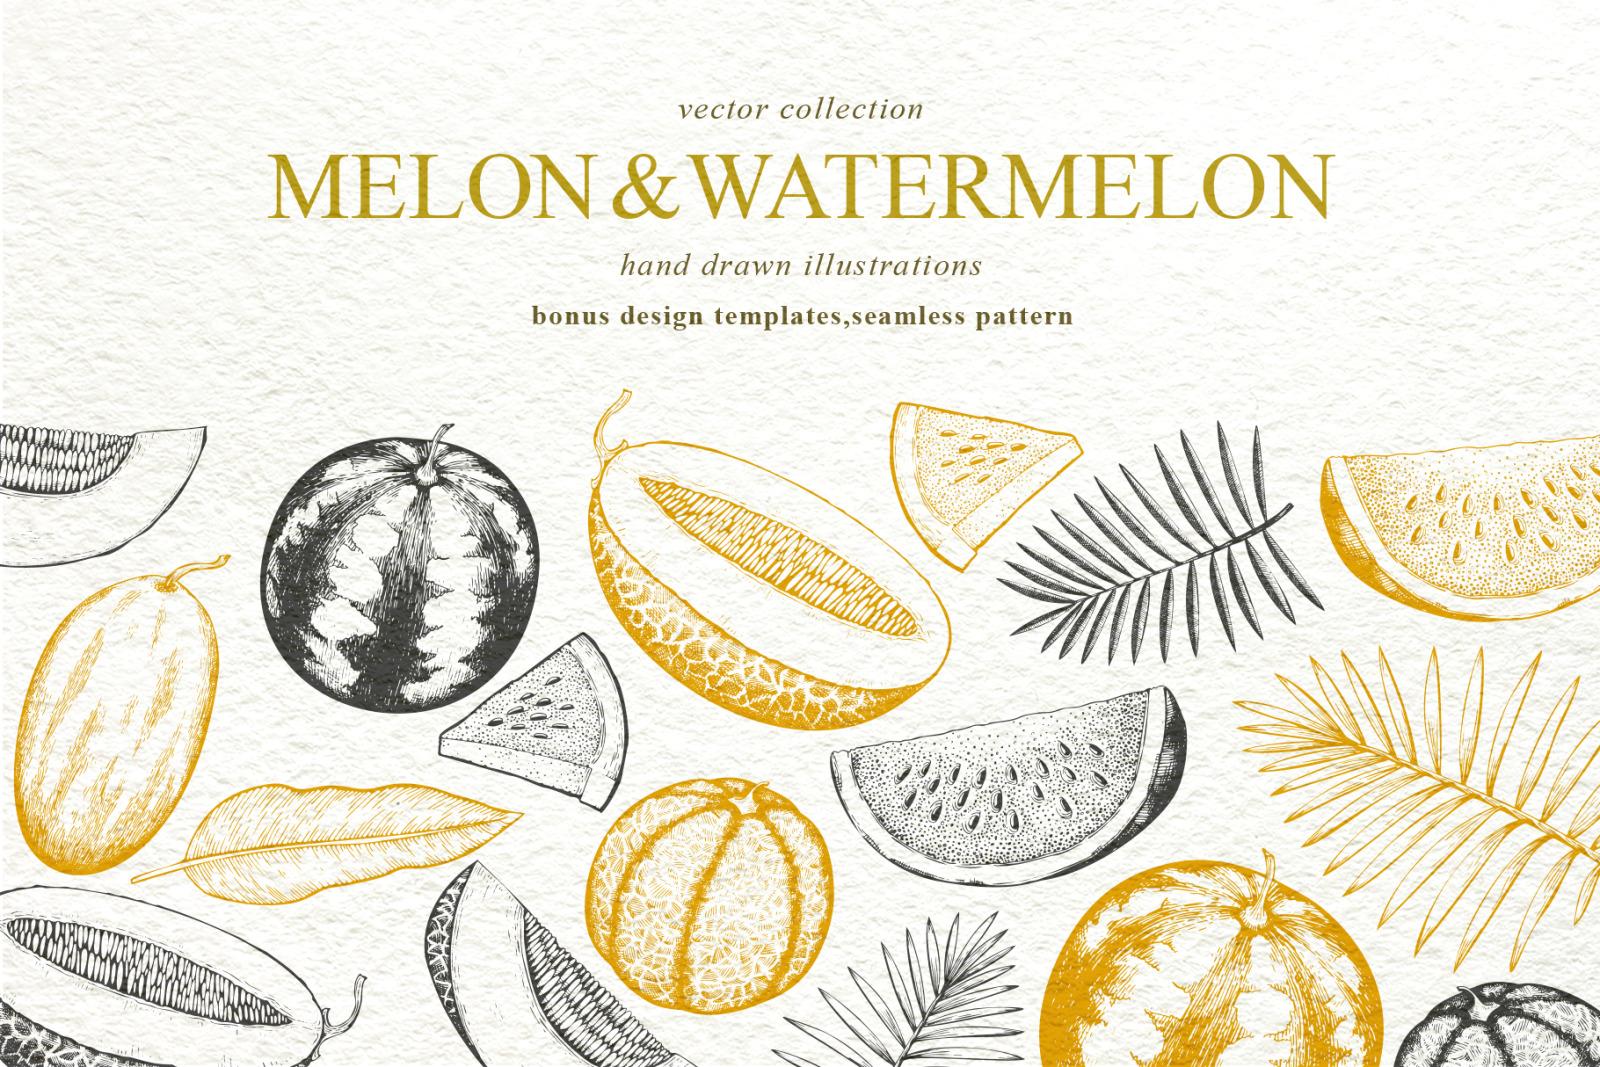 Melon & Watermelon Vector Collection